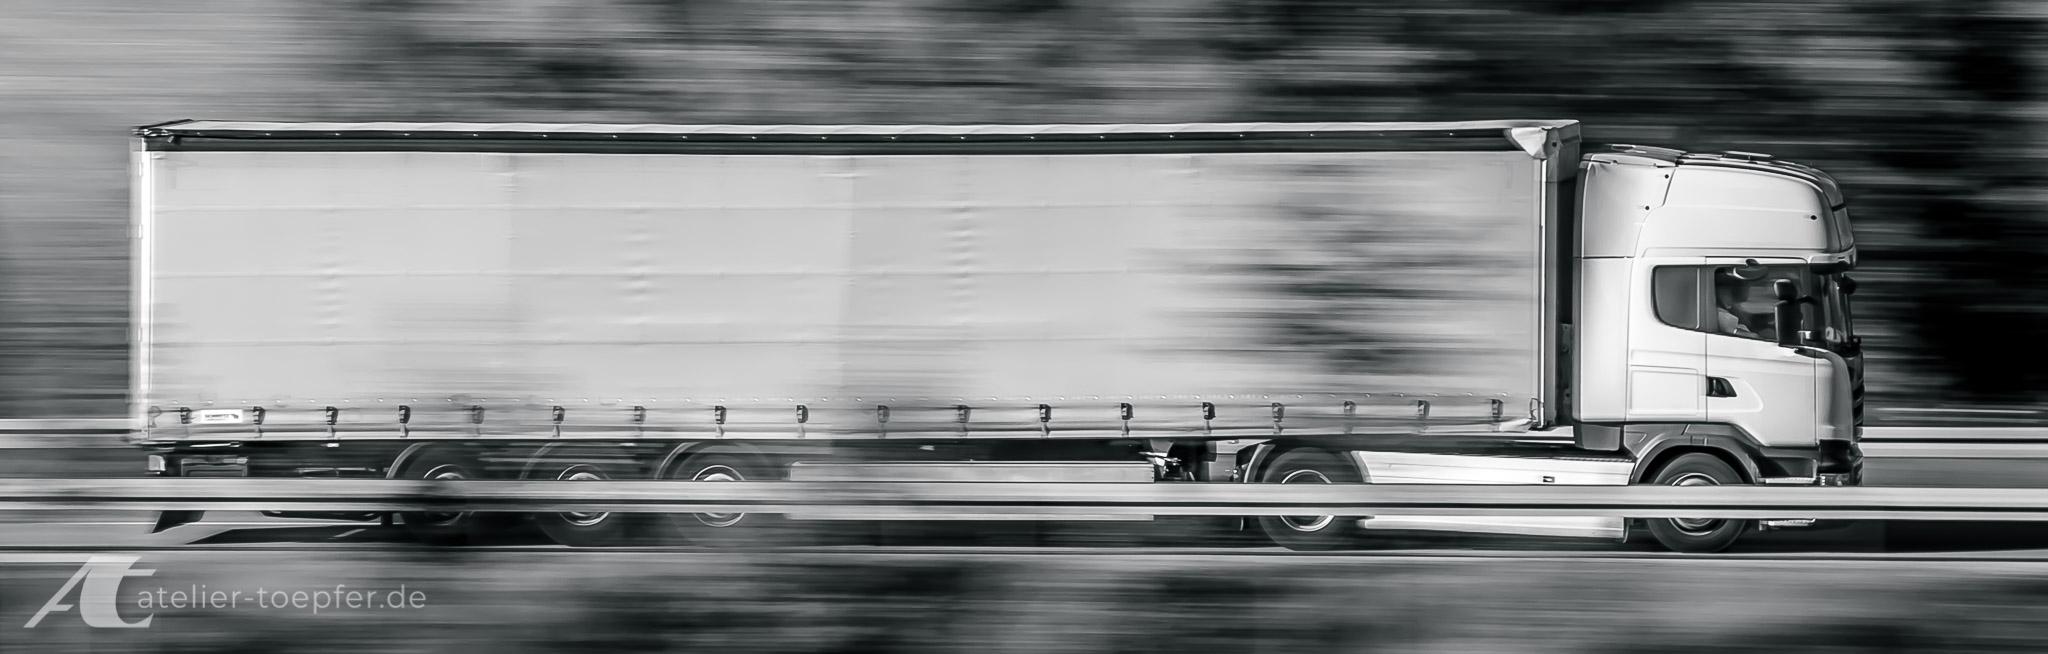 unbedruckter Sattelzug ohne Truck-Design